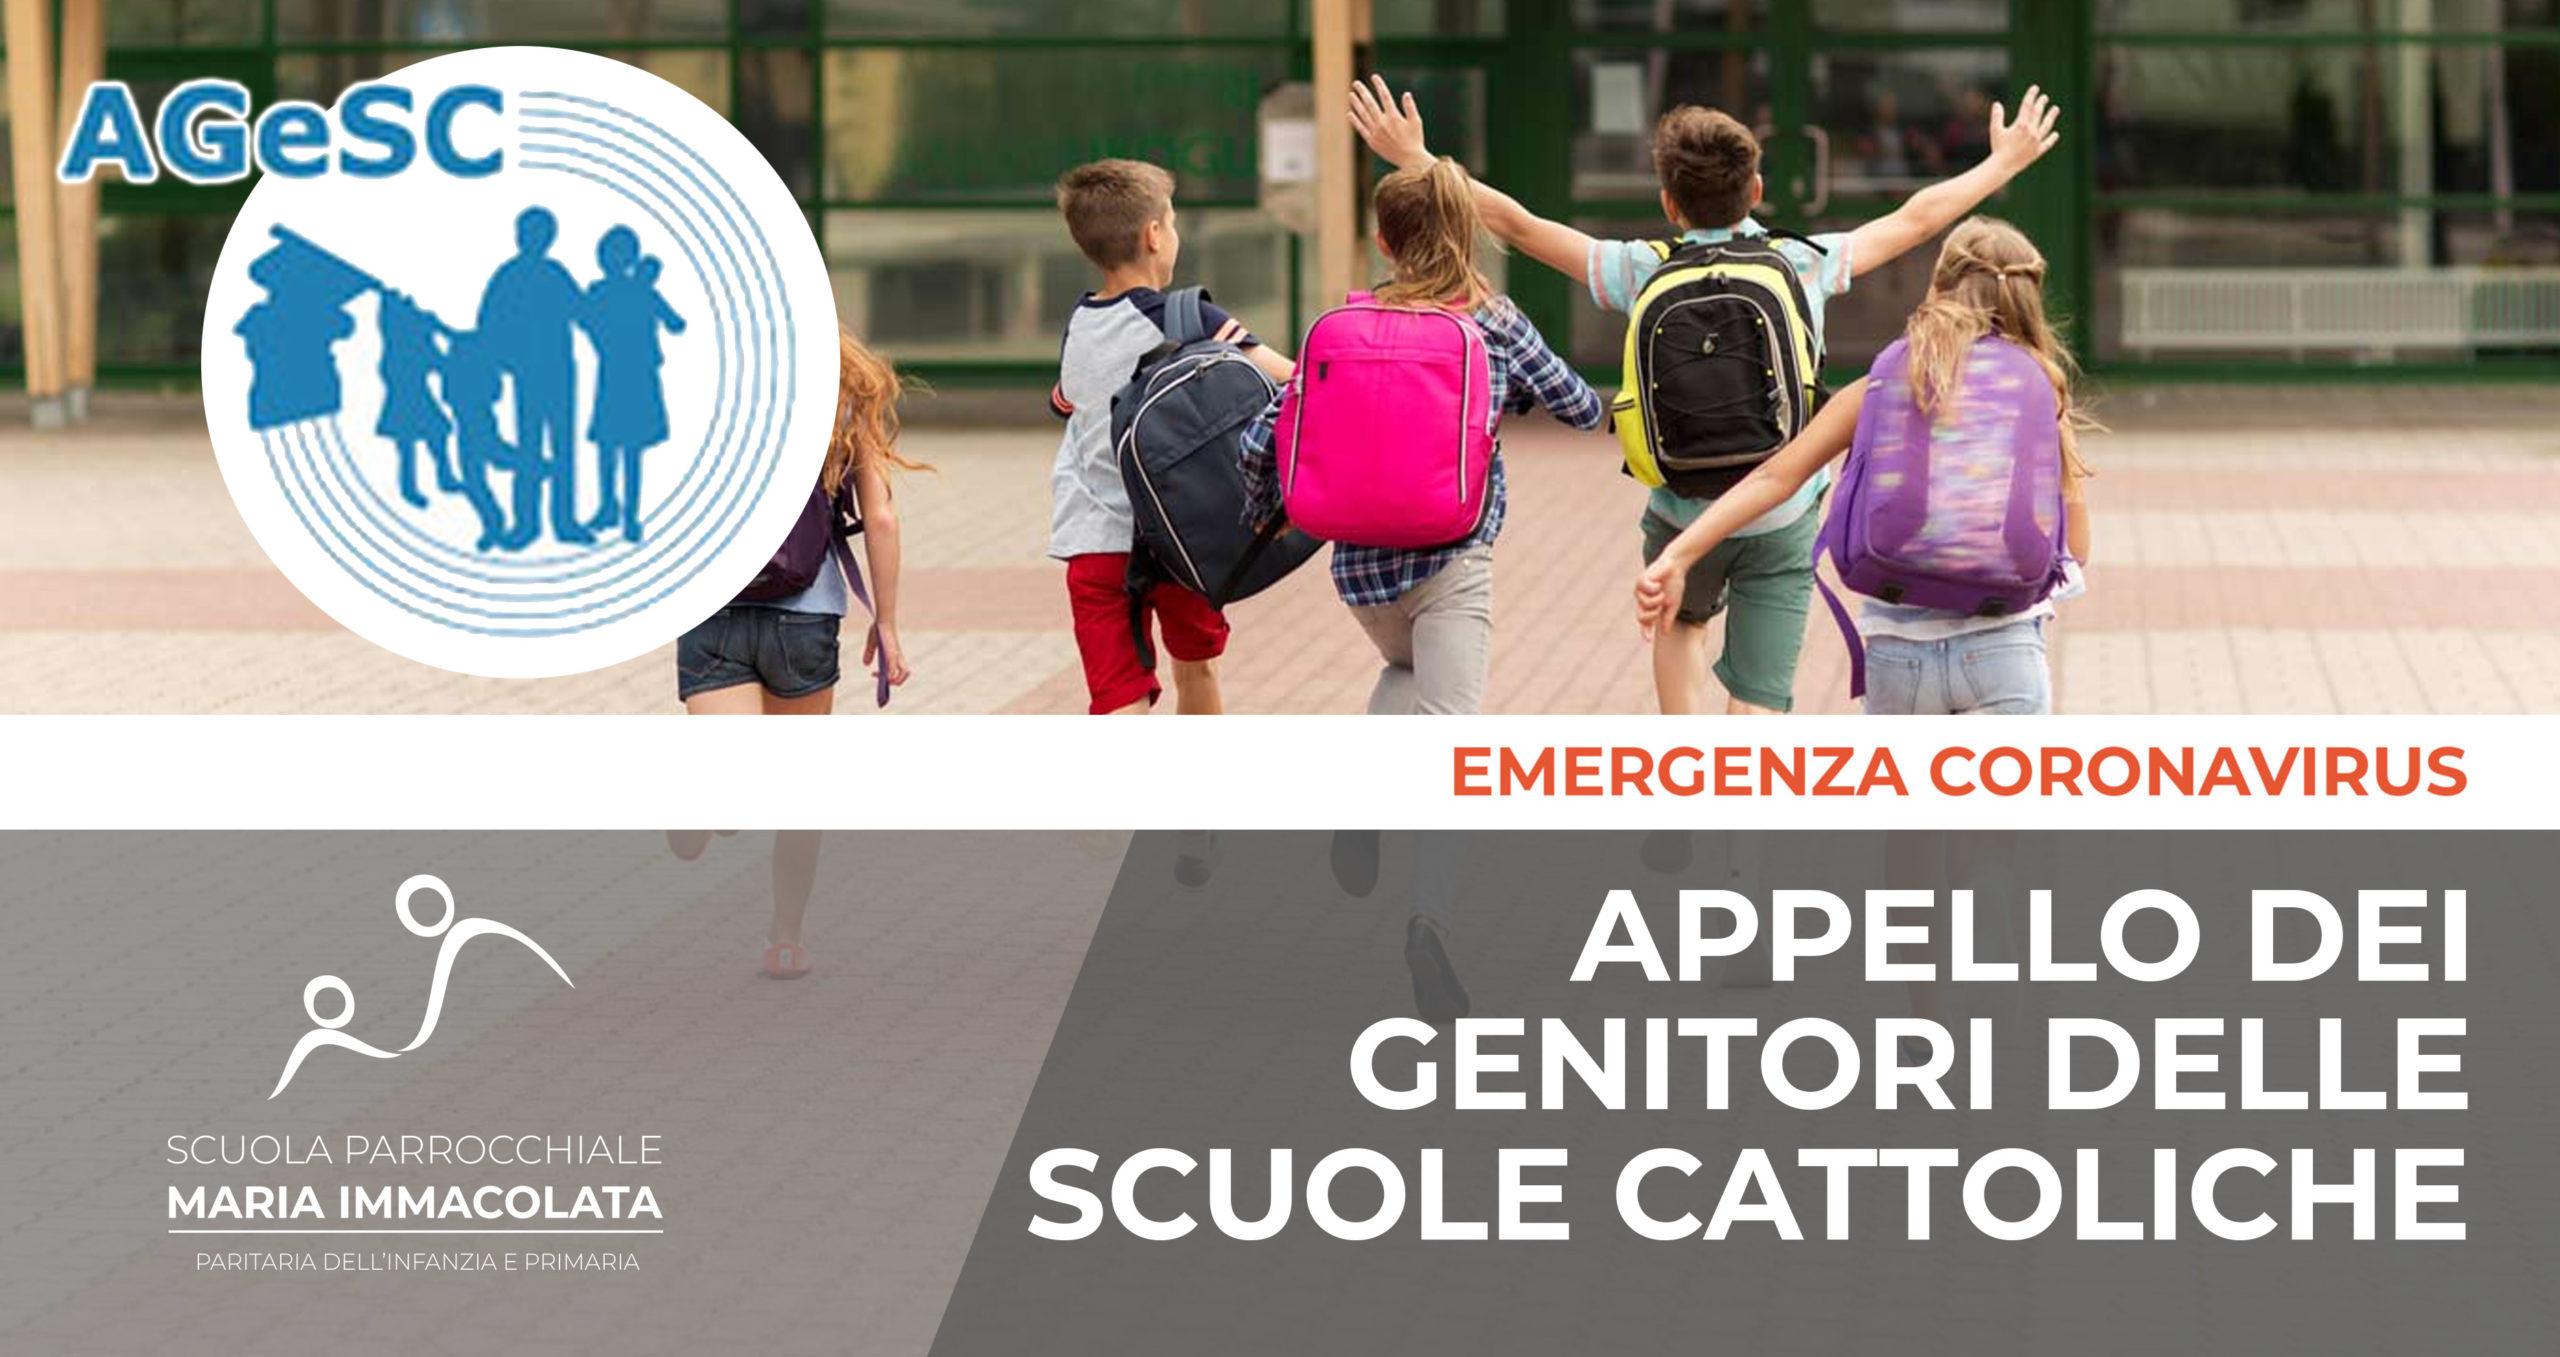 Appello dei genitori delle Scuole cattoliche per il ritorno in presenza delle scuole secondarie